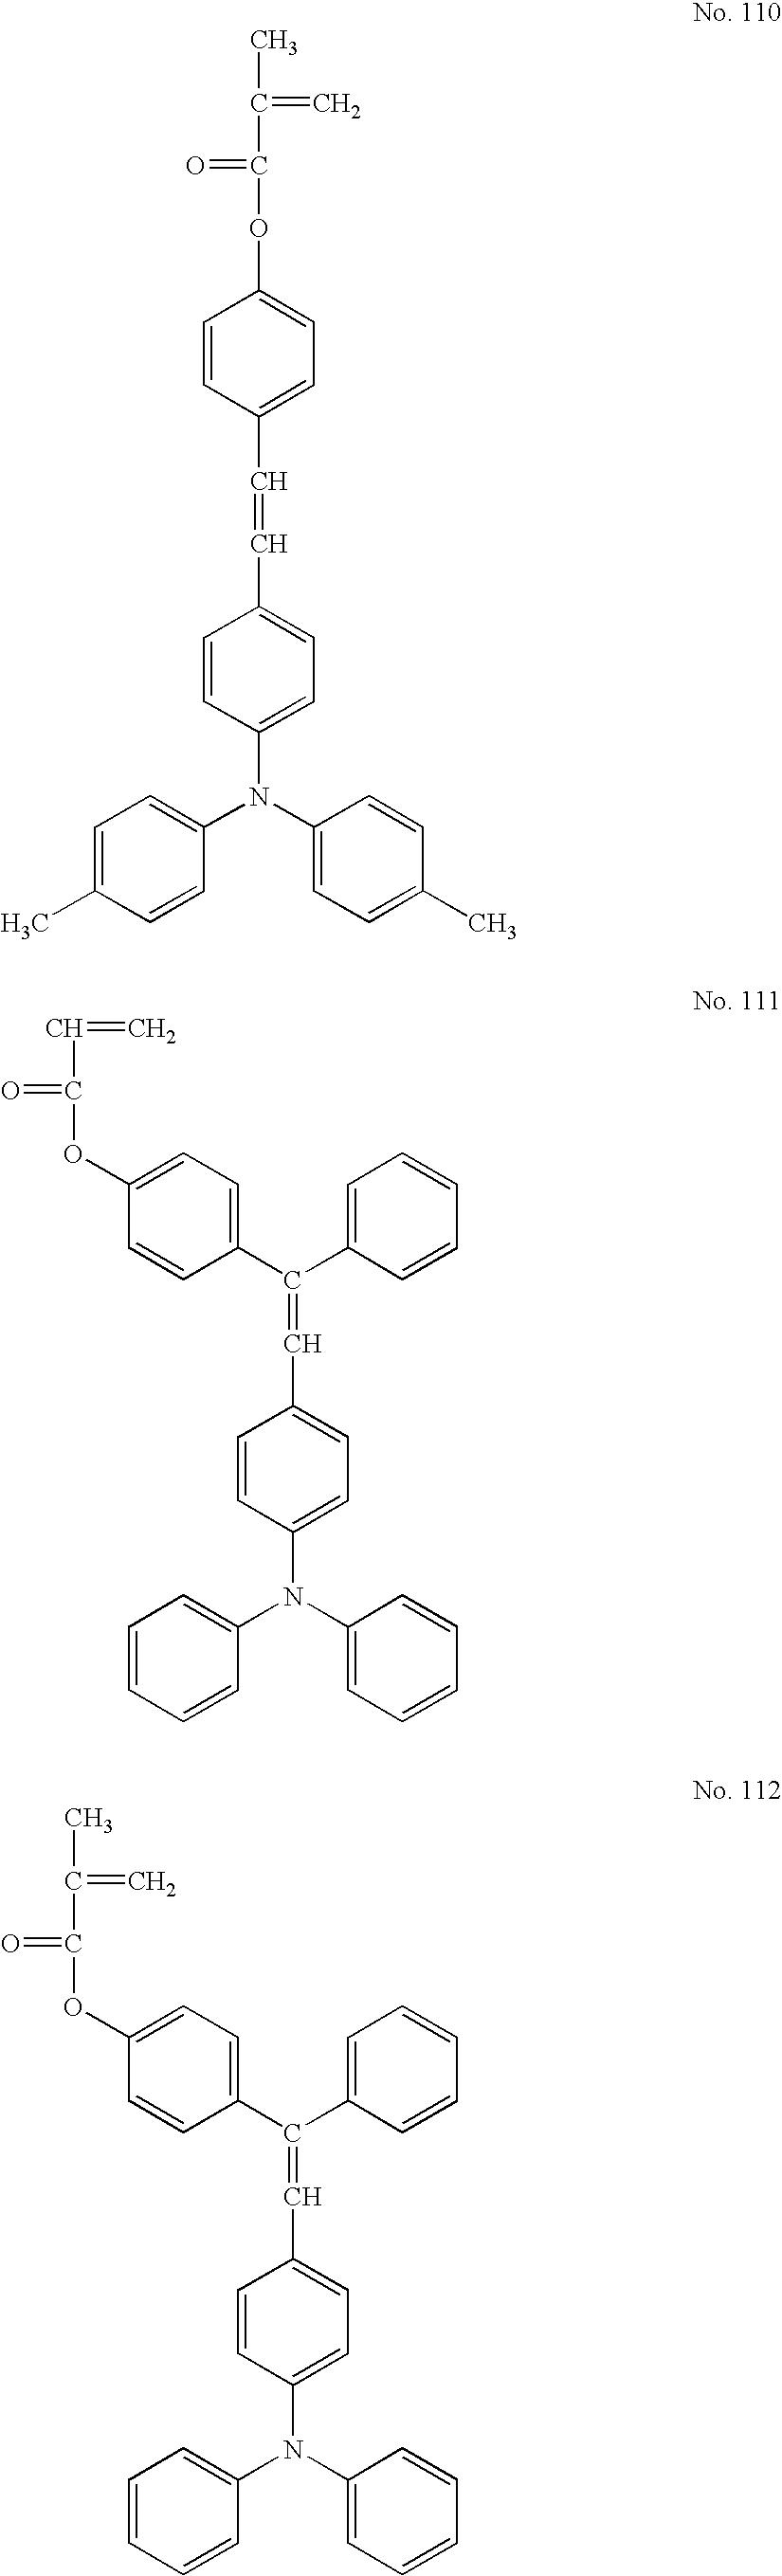 Figure US07824830-20101102-C00054